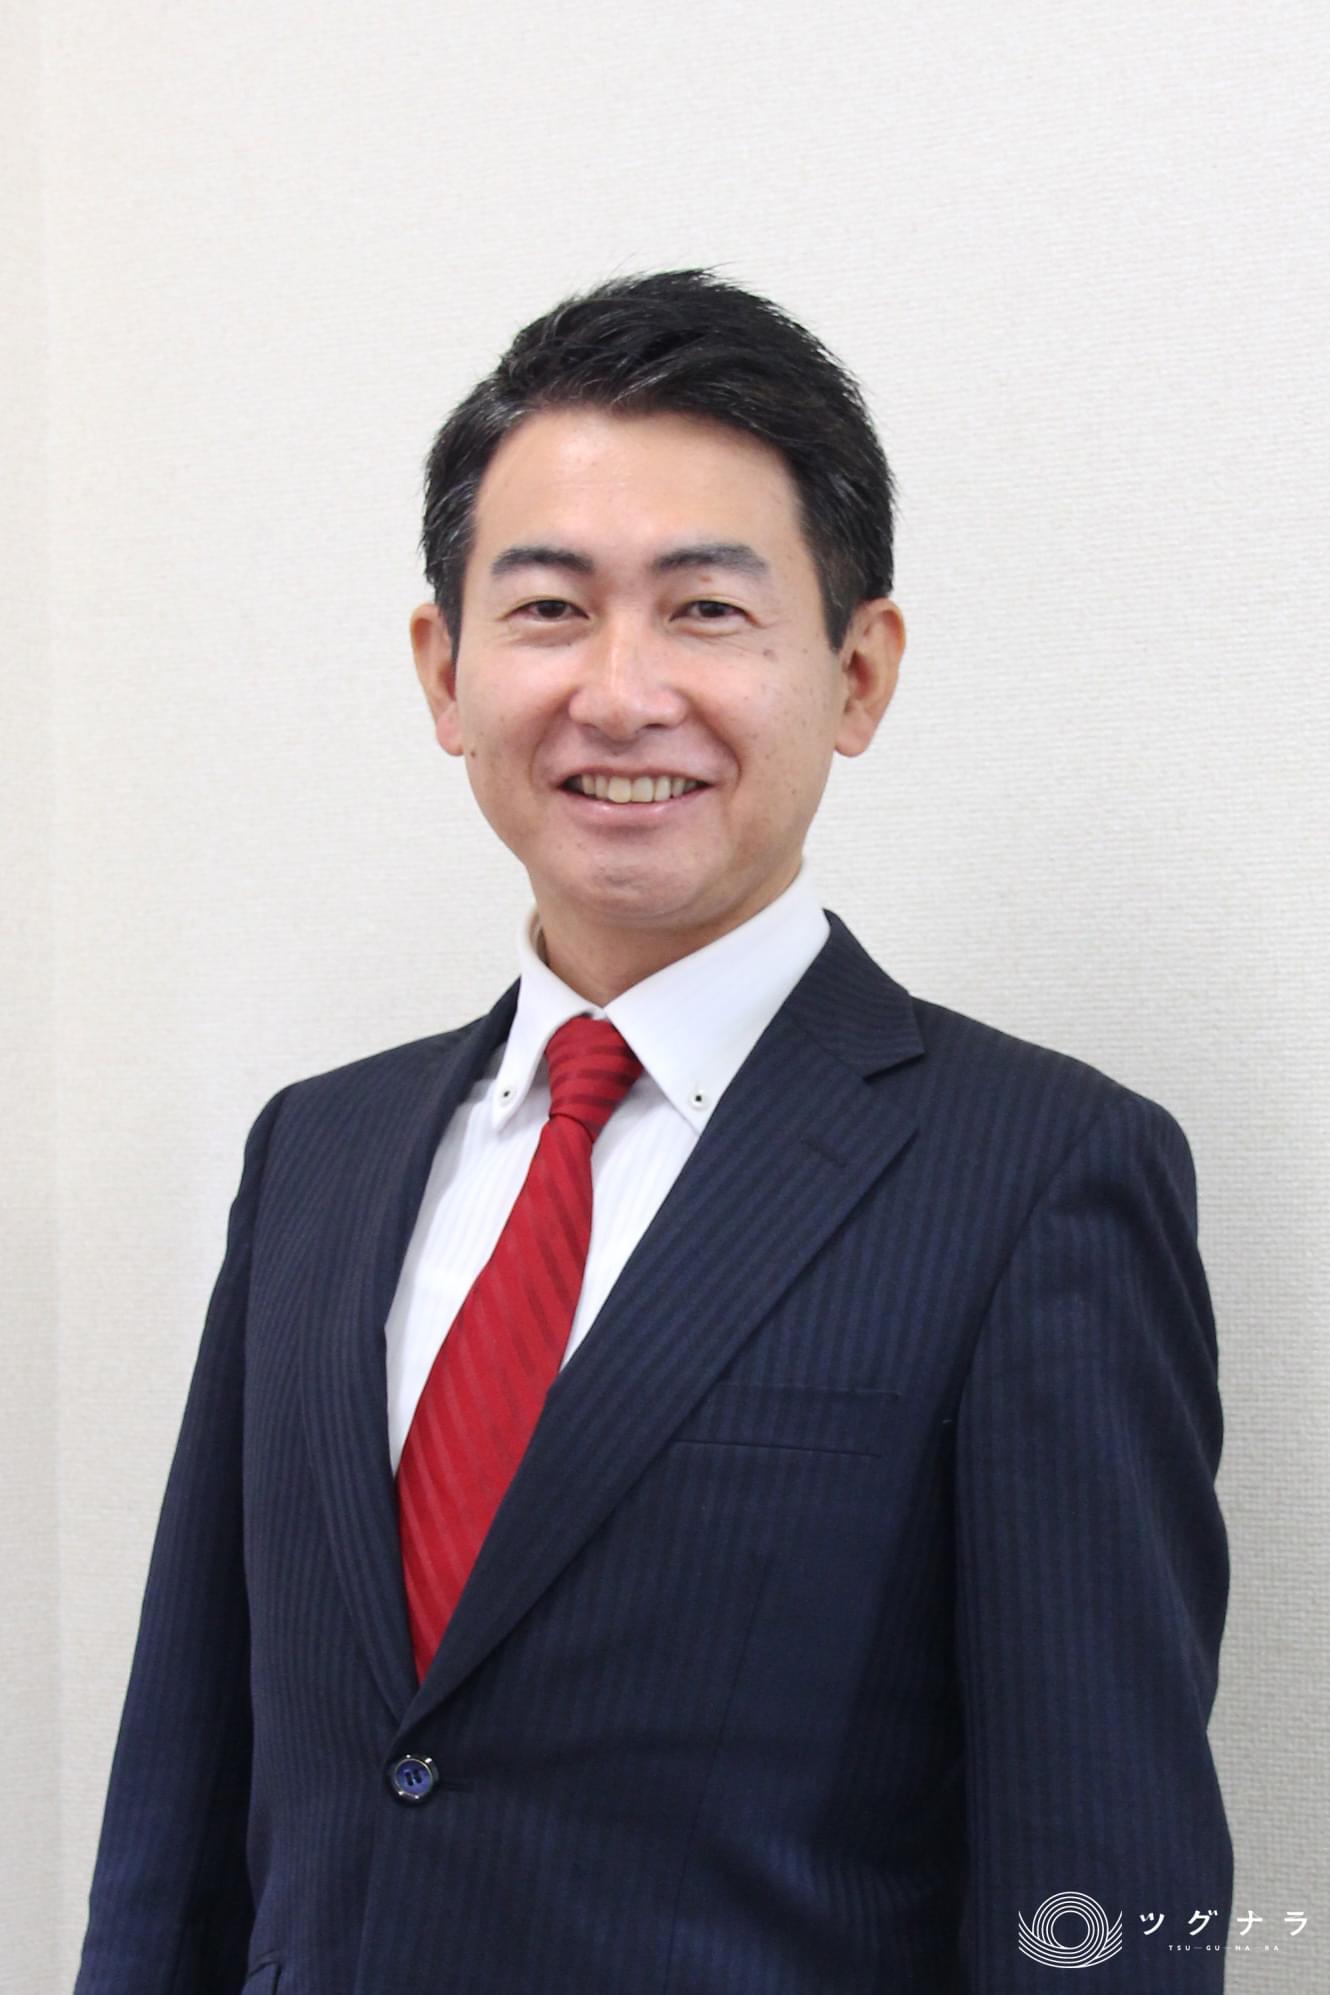 株式会社サクシード代表